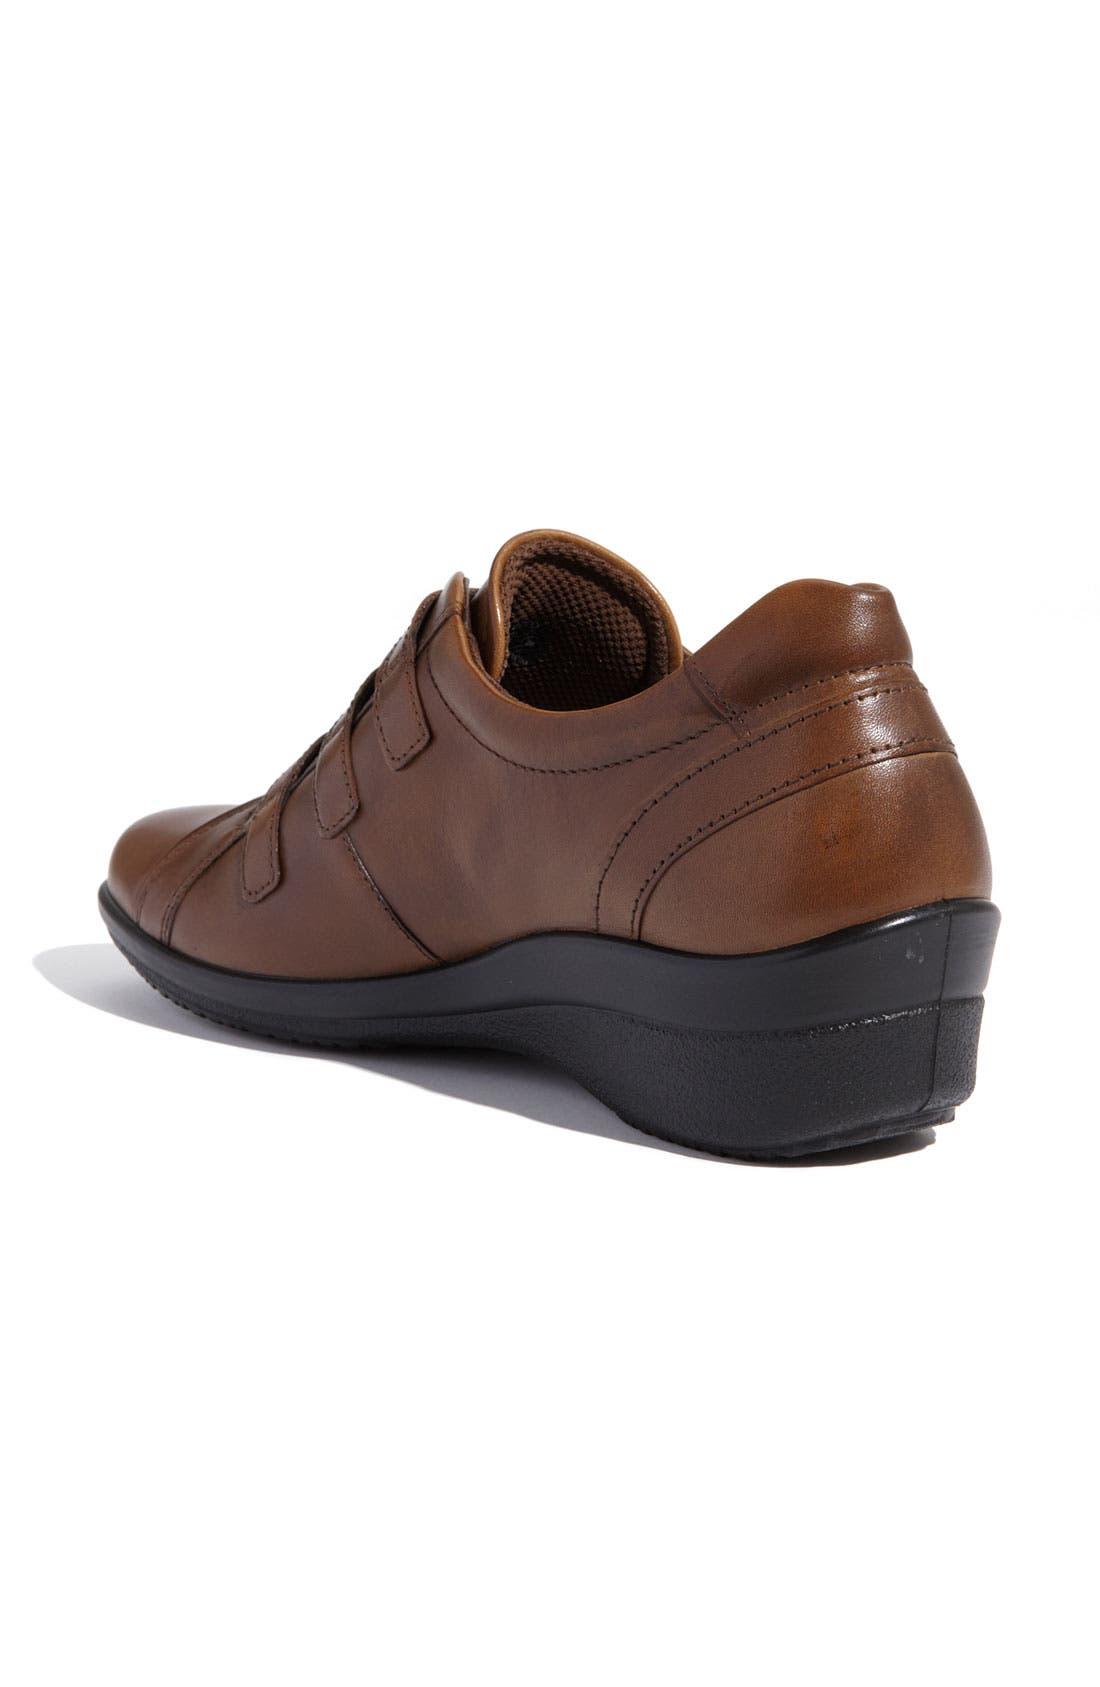 Alternate Image 2  - ECCO 'Corse 3' Shoe